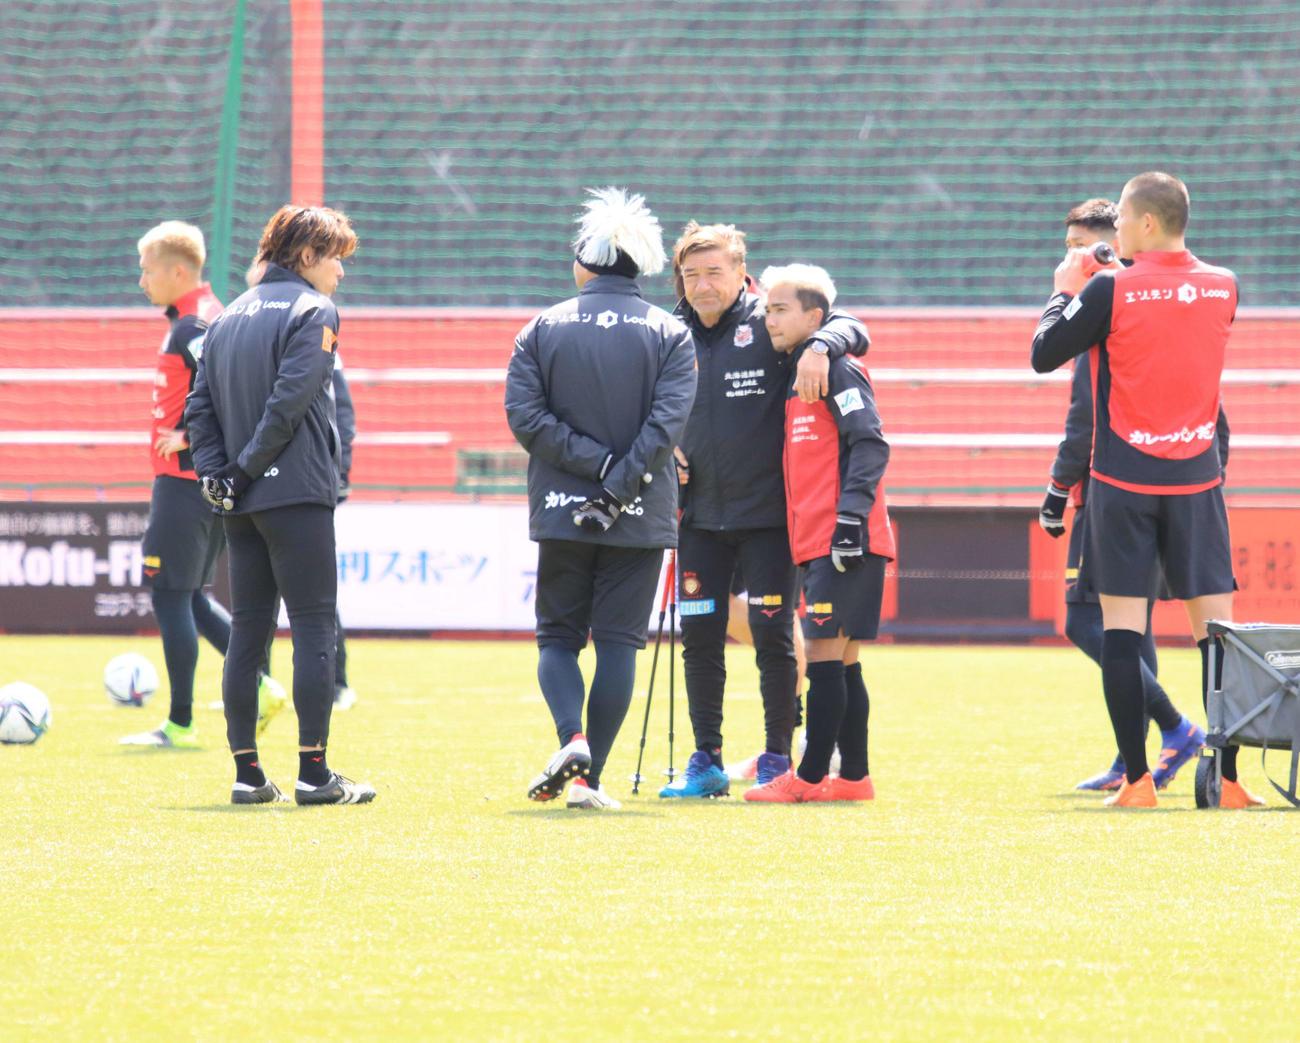 練習を終え、札幌MFチャナティップ(左から5人目)の肩を抱くペトロビッチ監督(同4人目)(撮影・保坂果那)